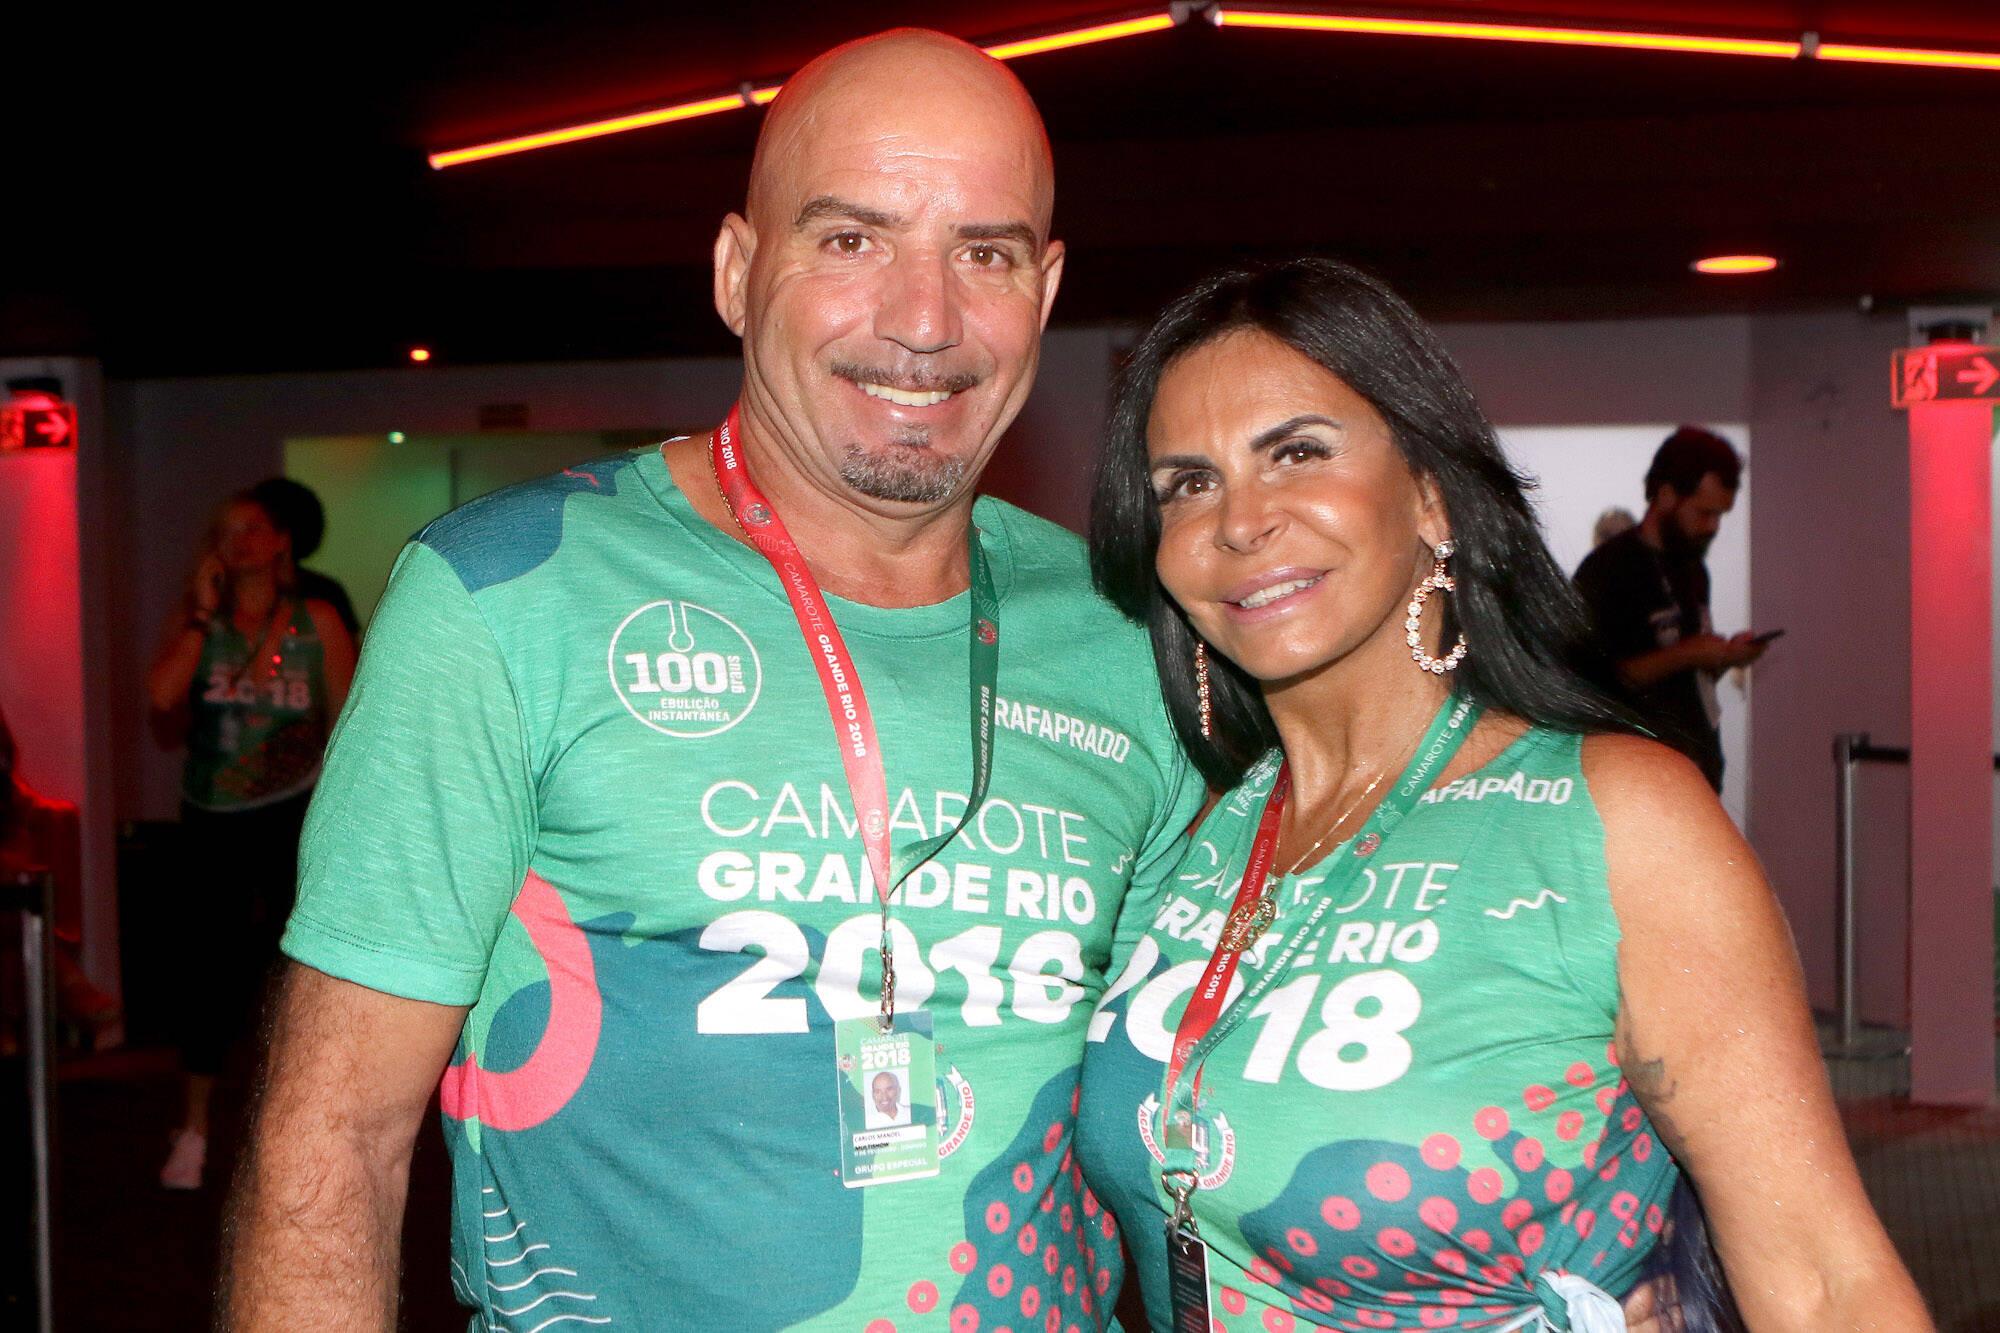 Carlos Marques e Gretchen no Camarote Grande Rio que se transformou no Cassino do Chacrinha na noite do último domingo (11). Foto: ENY MIRANDA/DIVULGAÇÃO